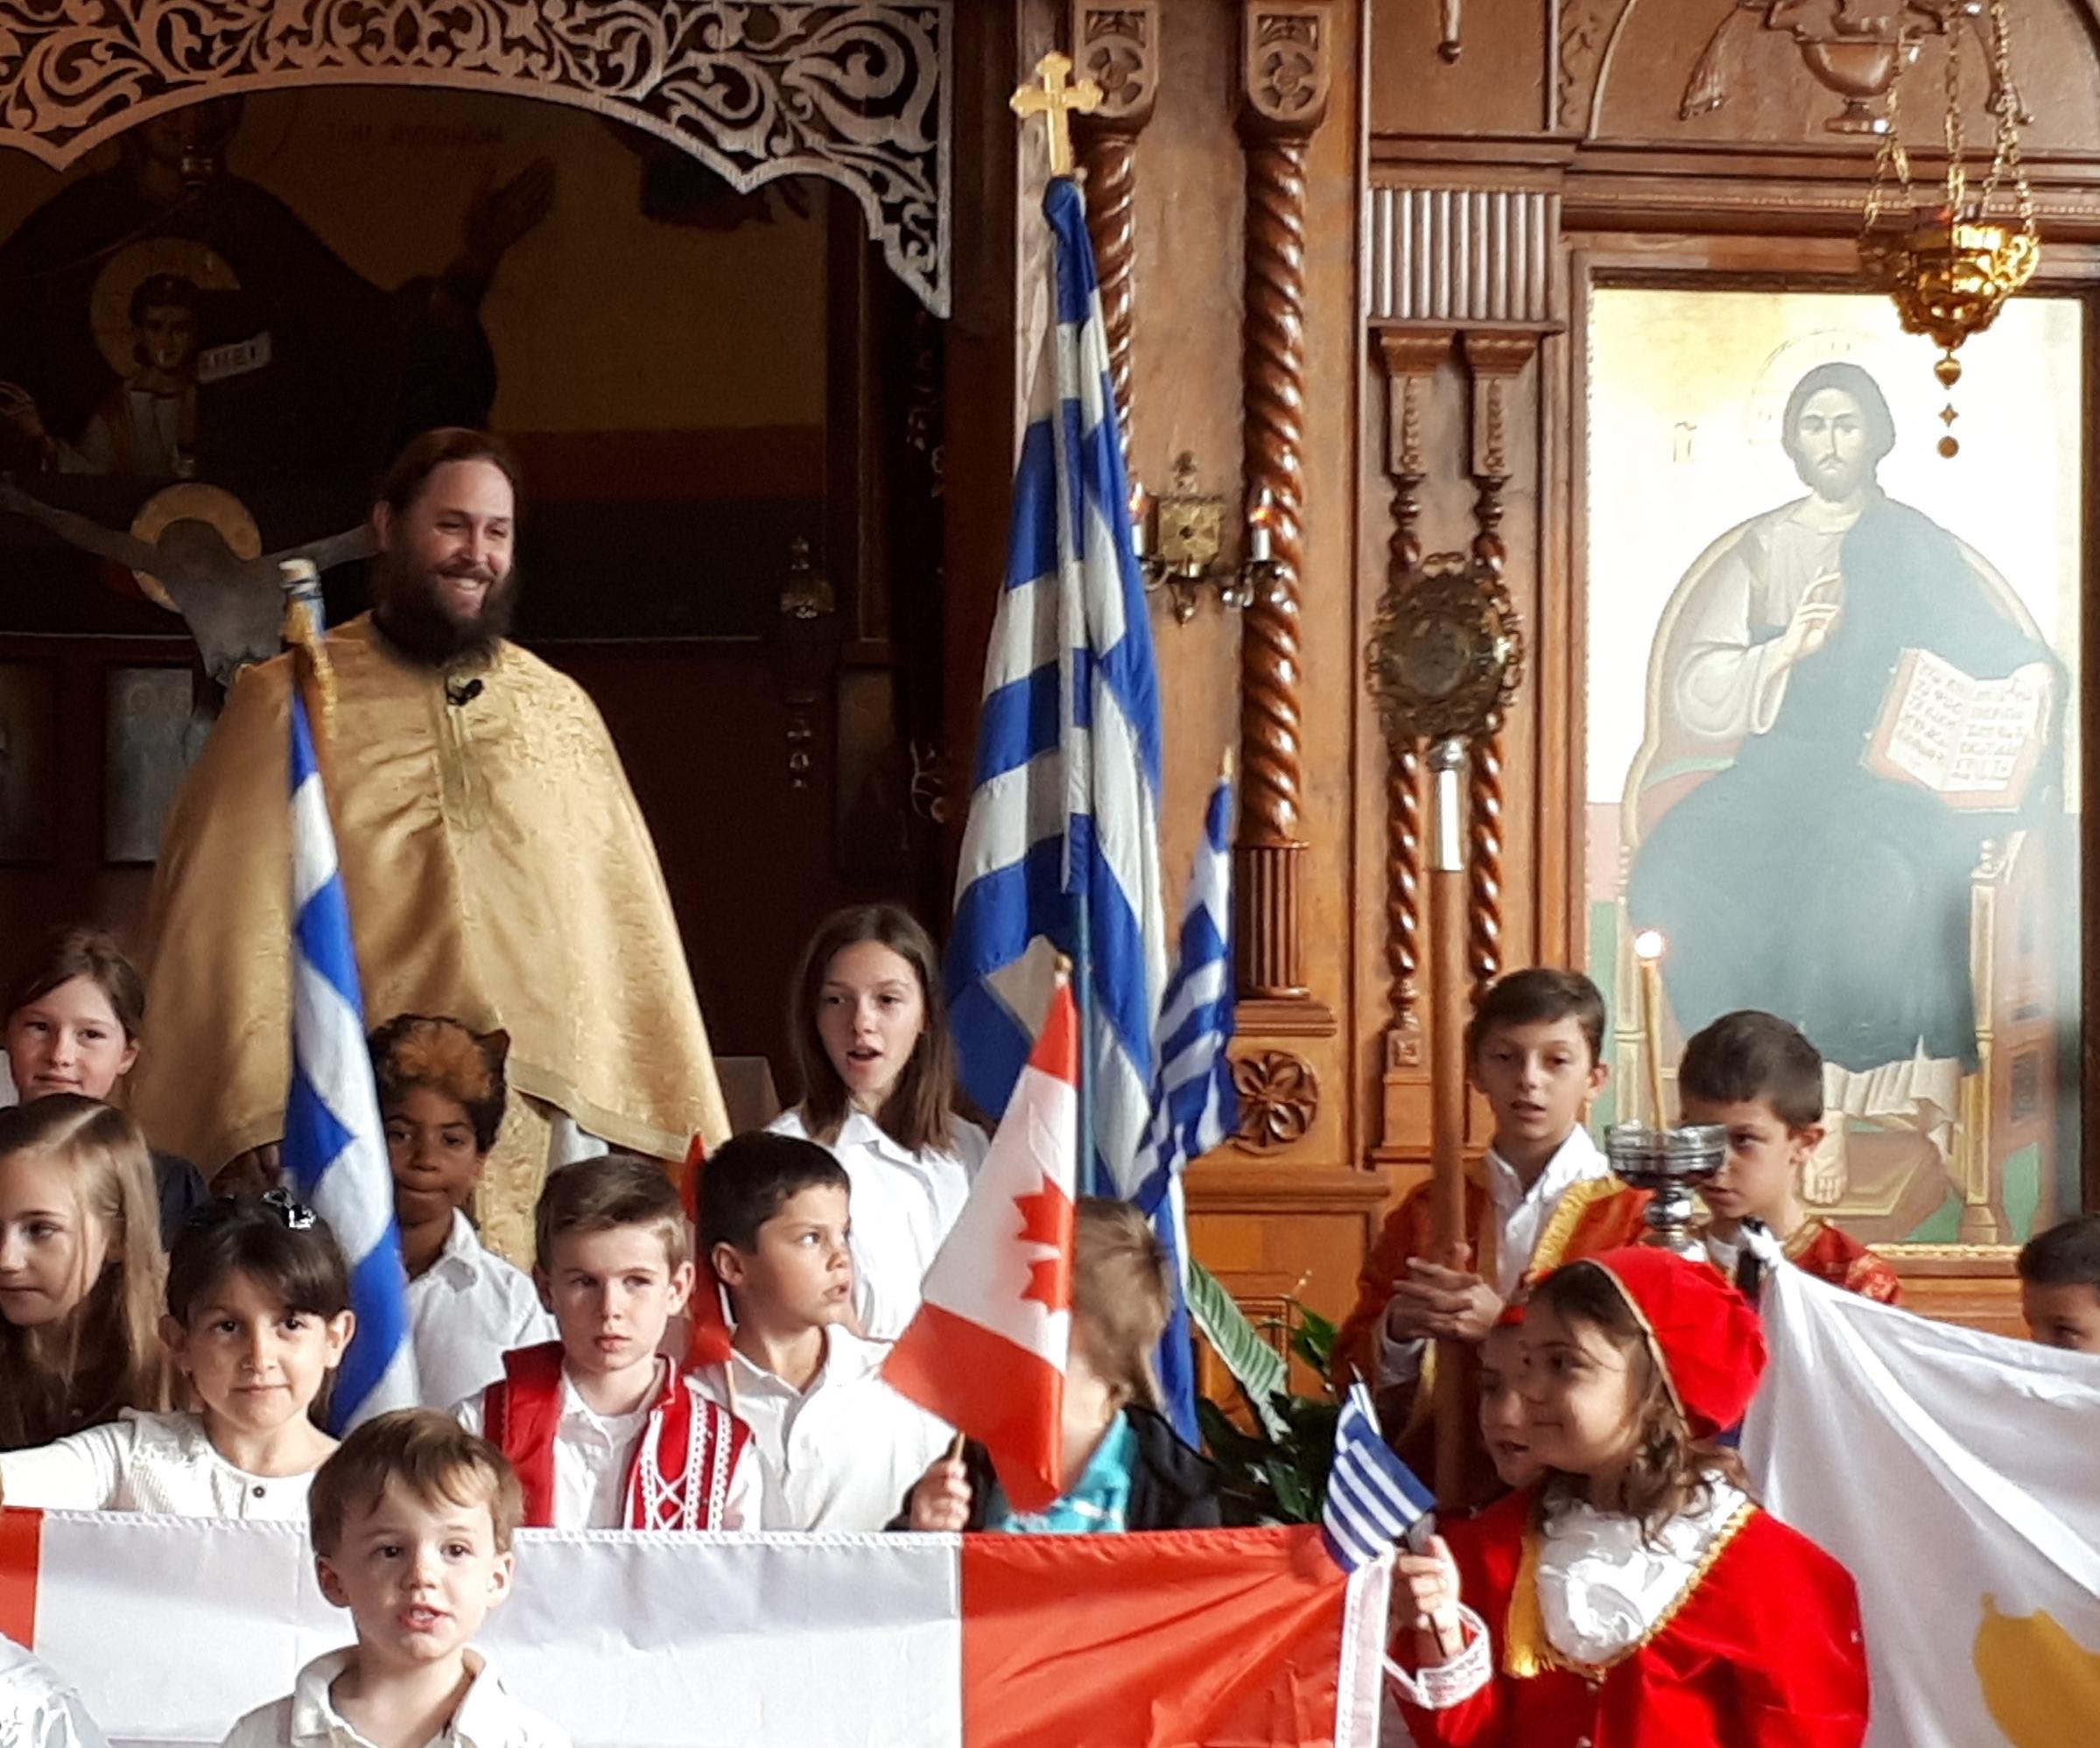 Fr_Matthew_Penney_with_School_Children.jpg